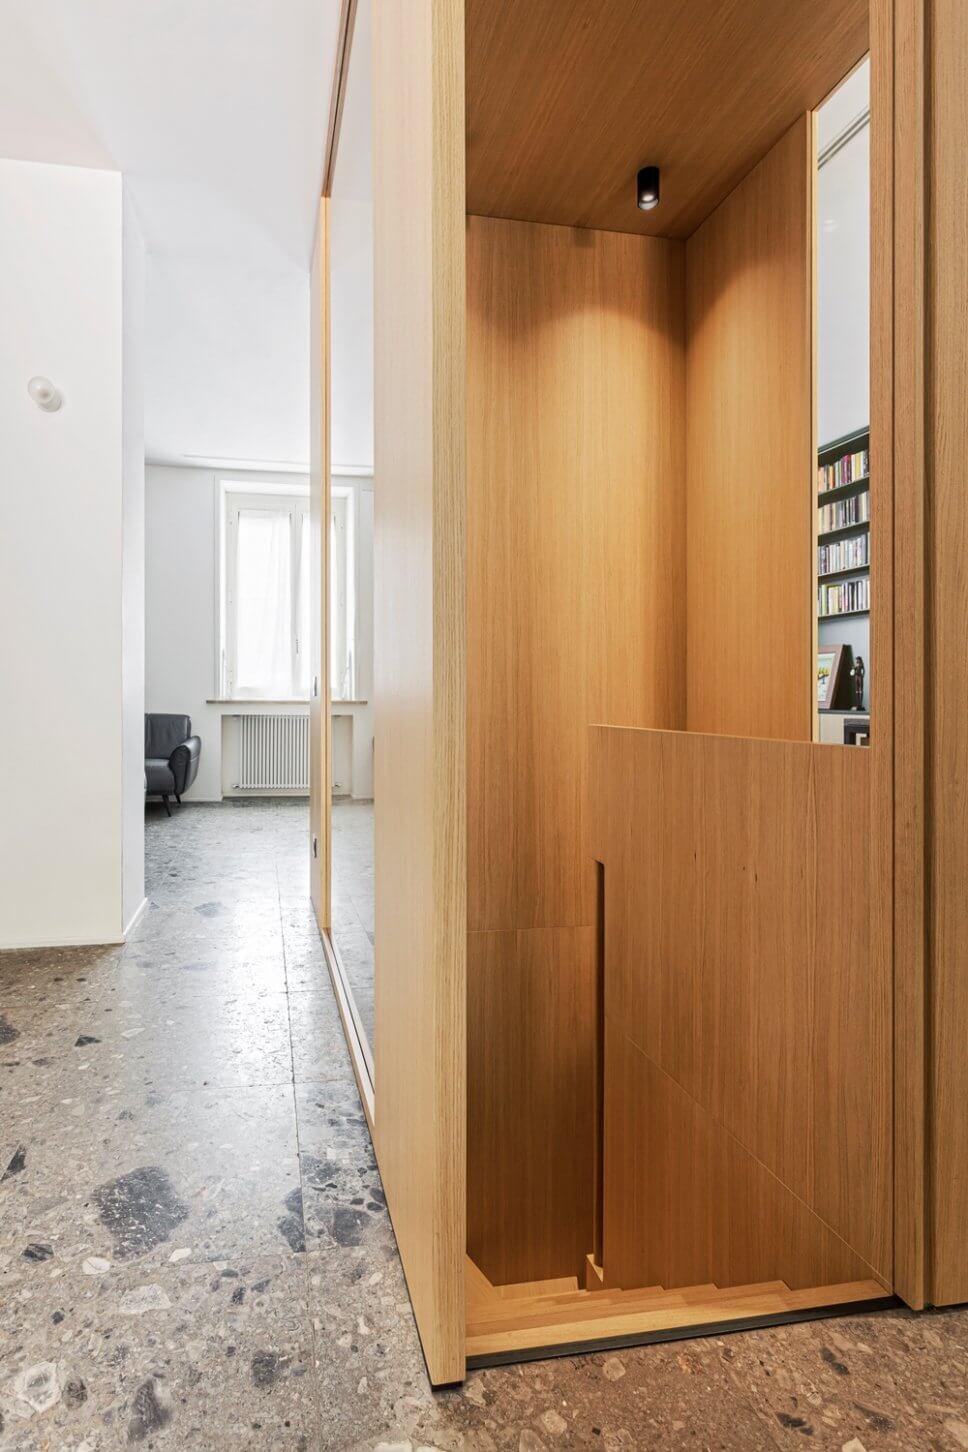 Treppenabgang aus hellem Holz mit Wandverkleidung aus gleichem Holz auf grauem Steinboden